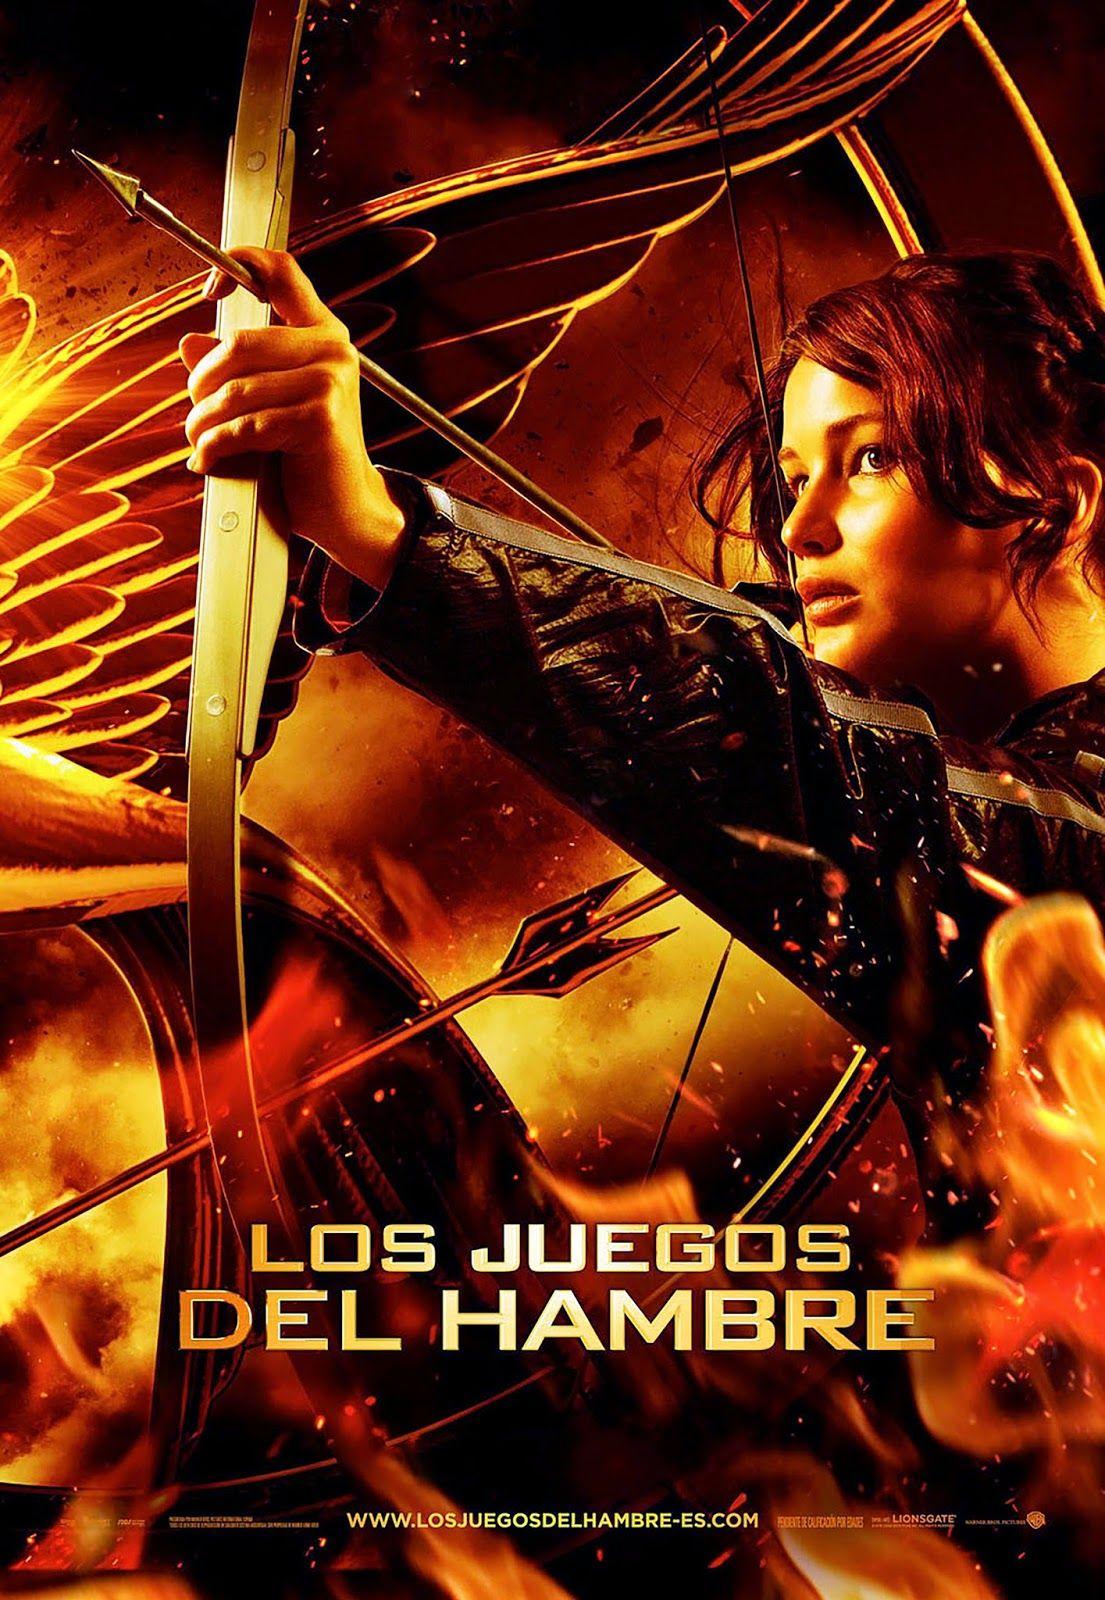 Pocos Links En Hd Los Juegos Del Hambre 1080p Dual 5 1 Mega Hunger Games Hunger Games Movies Hunger Games Poster